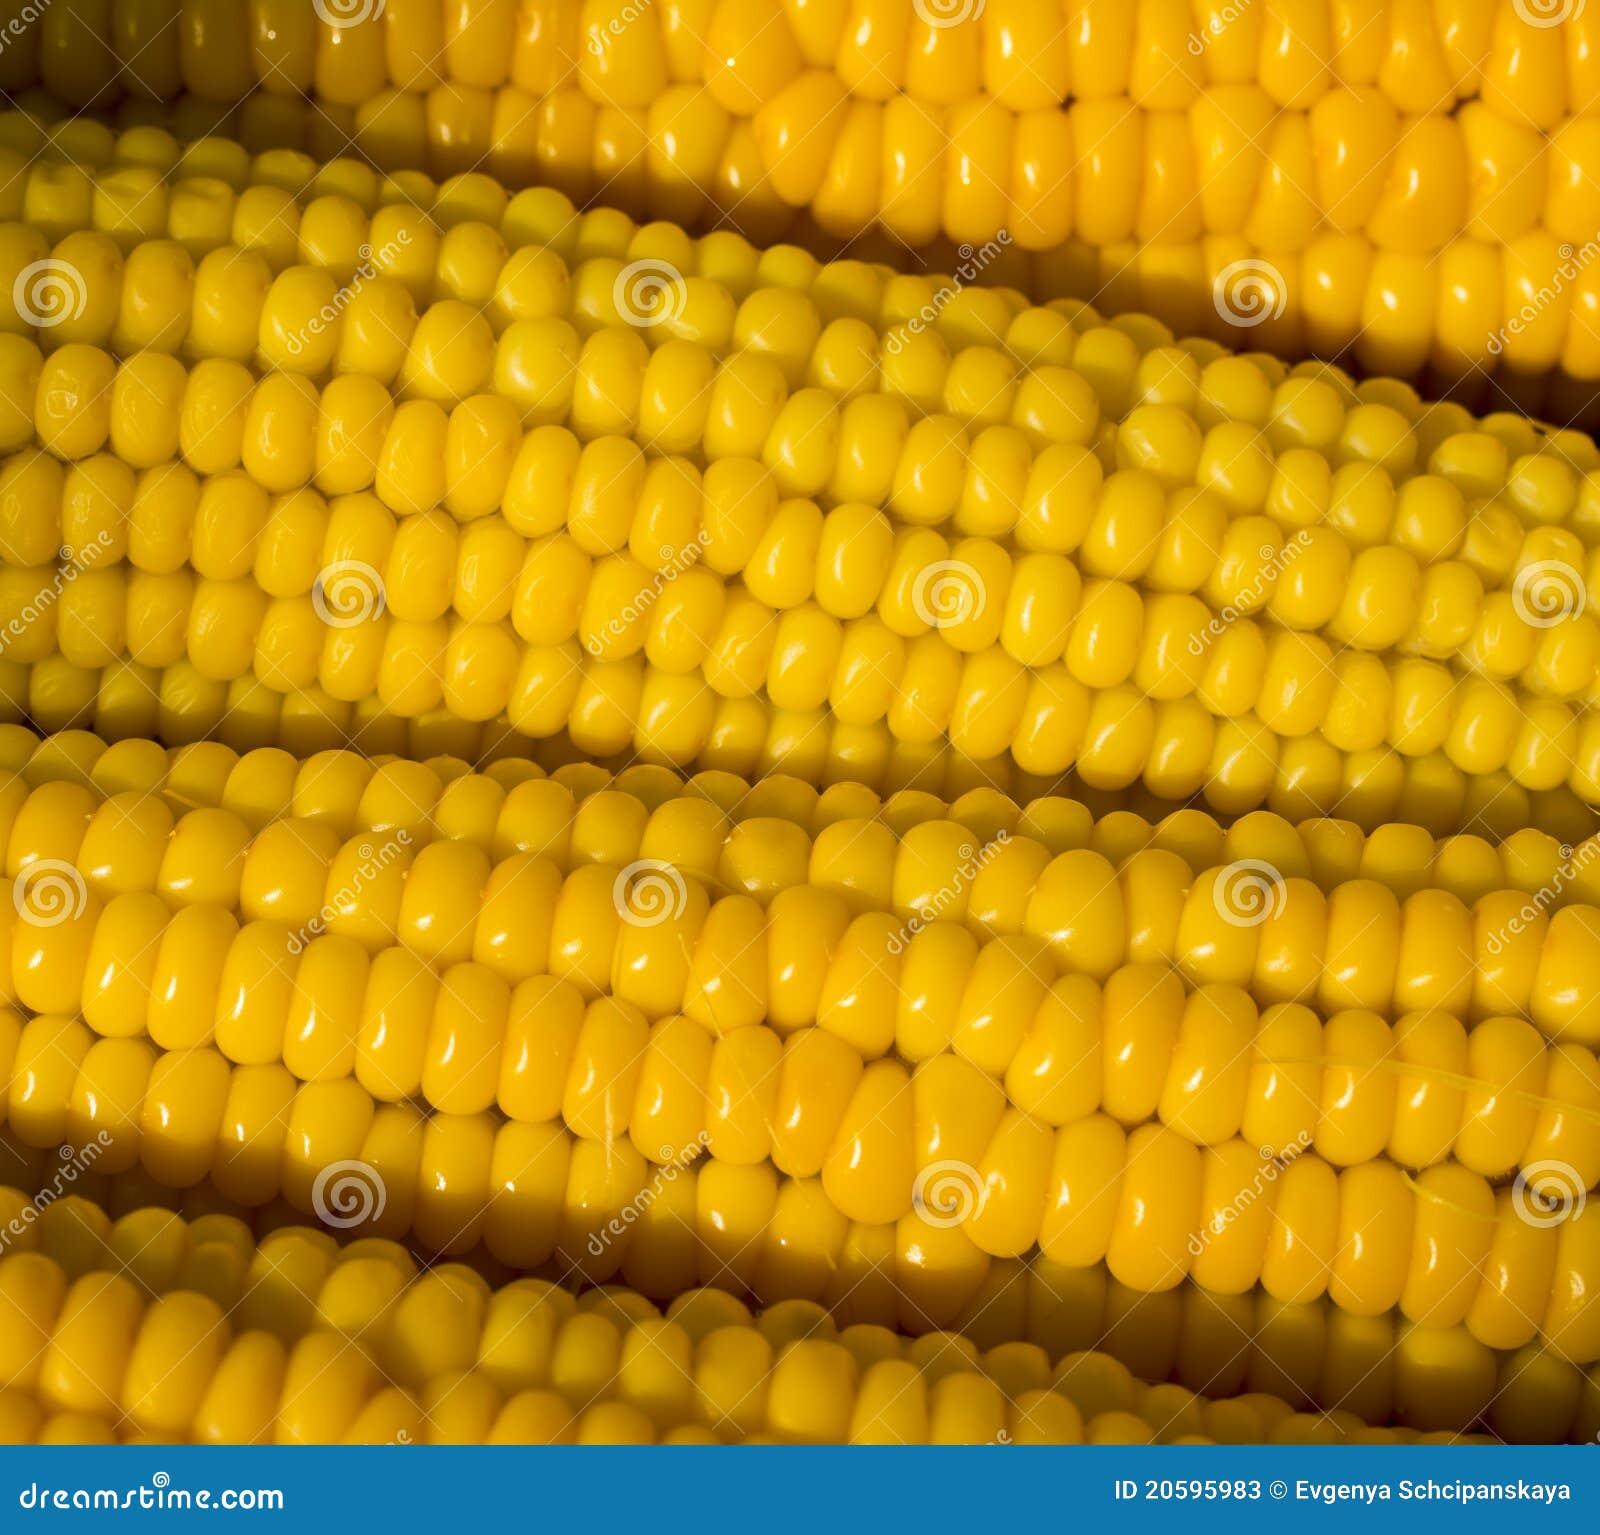 Maïs jaune